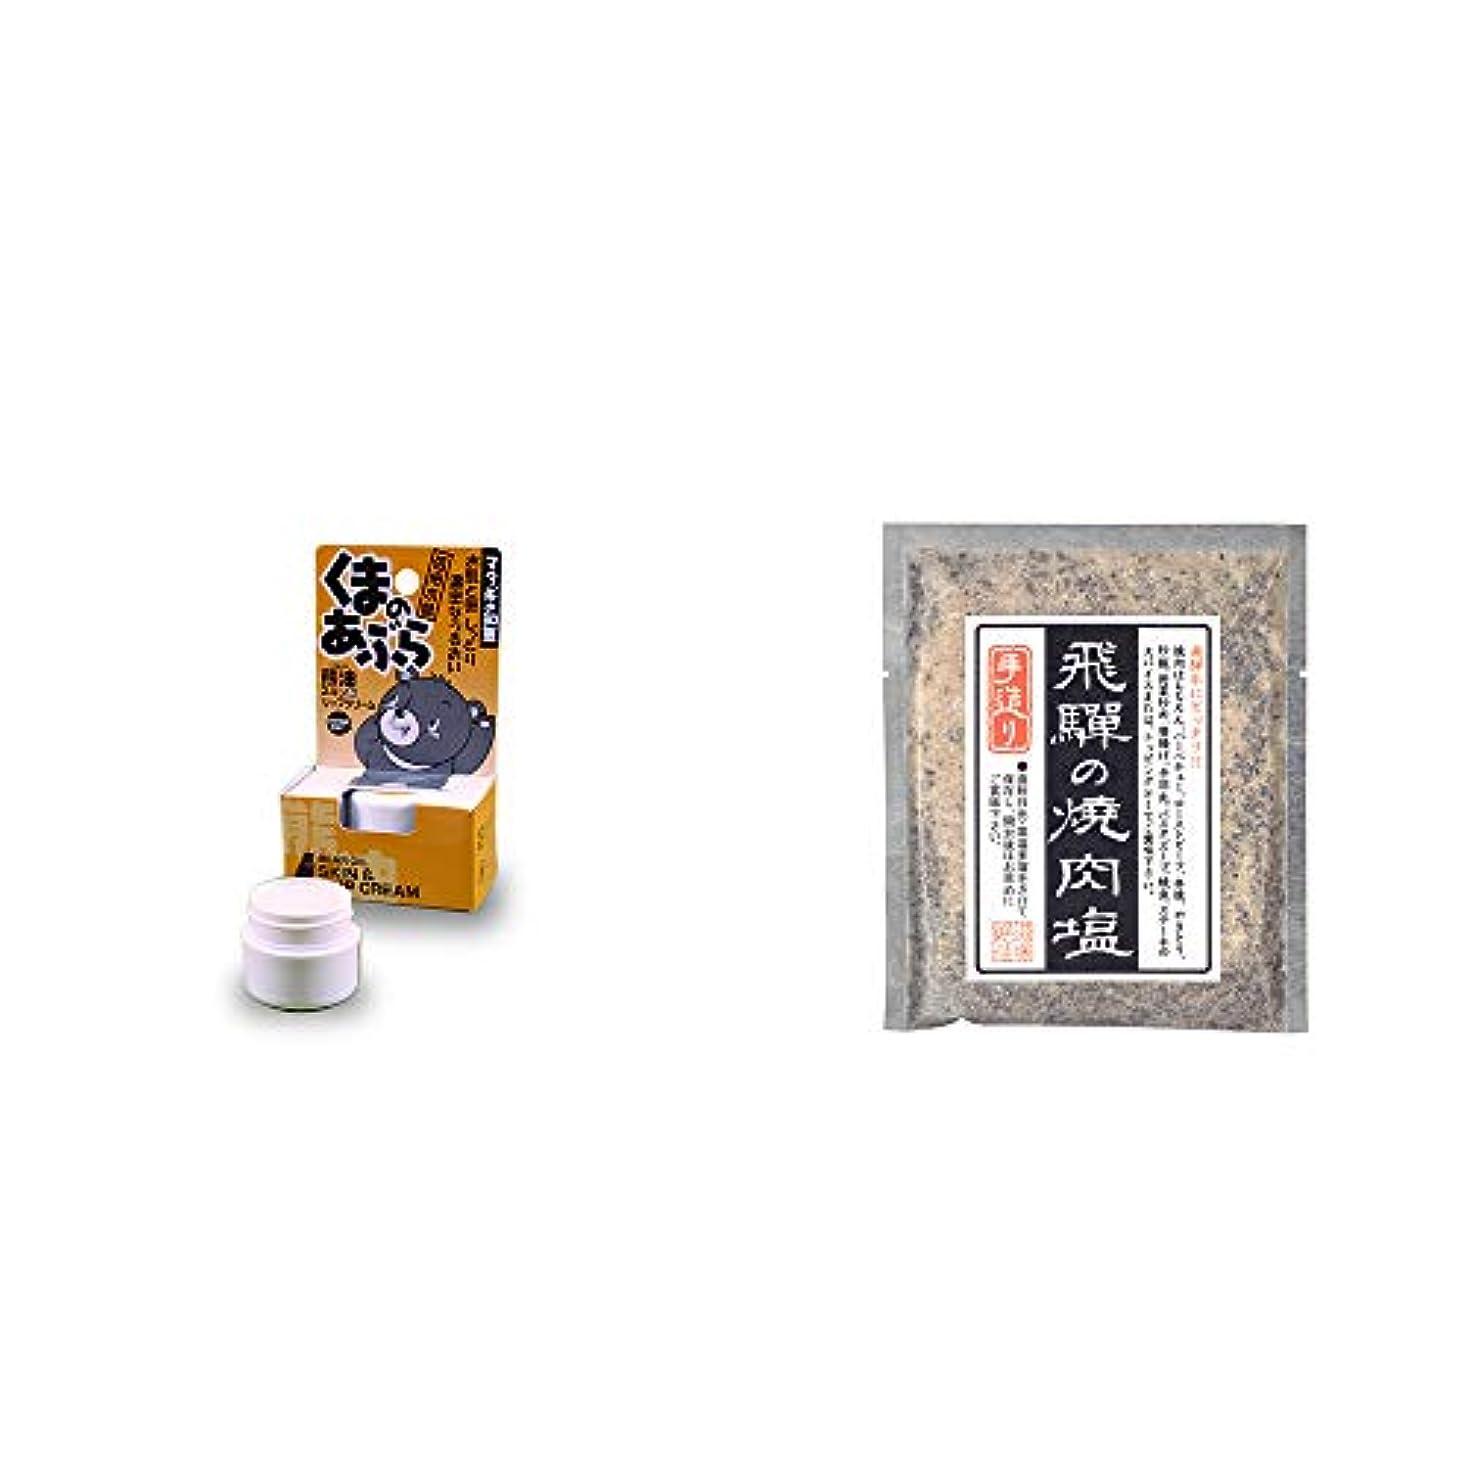 意外天窓外側[2点セット] 信州木曽 くまのあぶら 熊油スキン&リップクリーム(9g)?手造り 飛騨の焼肉塩(80g)